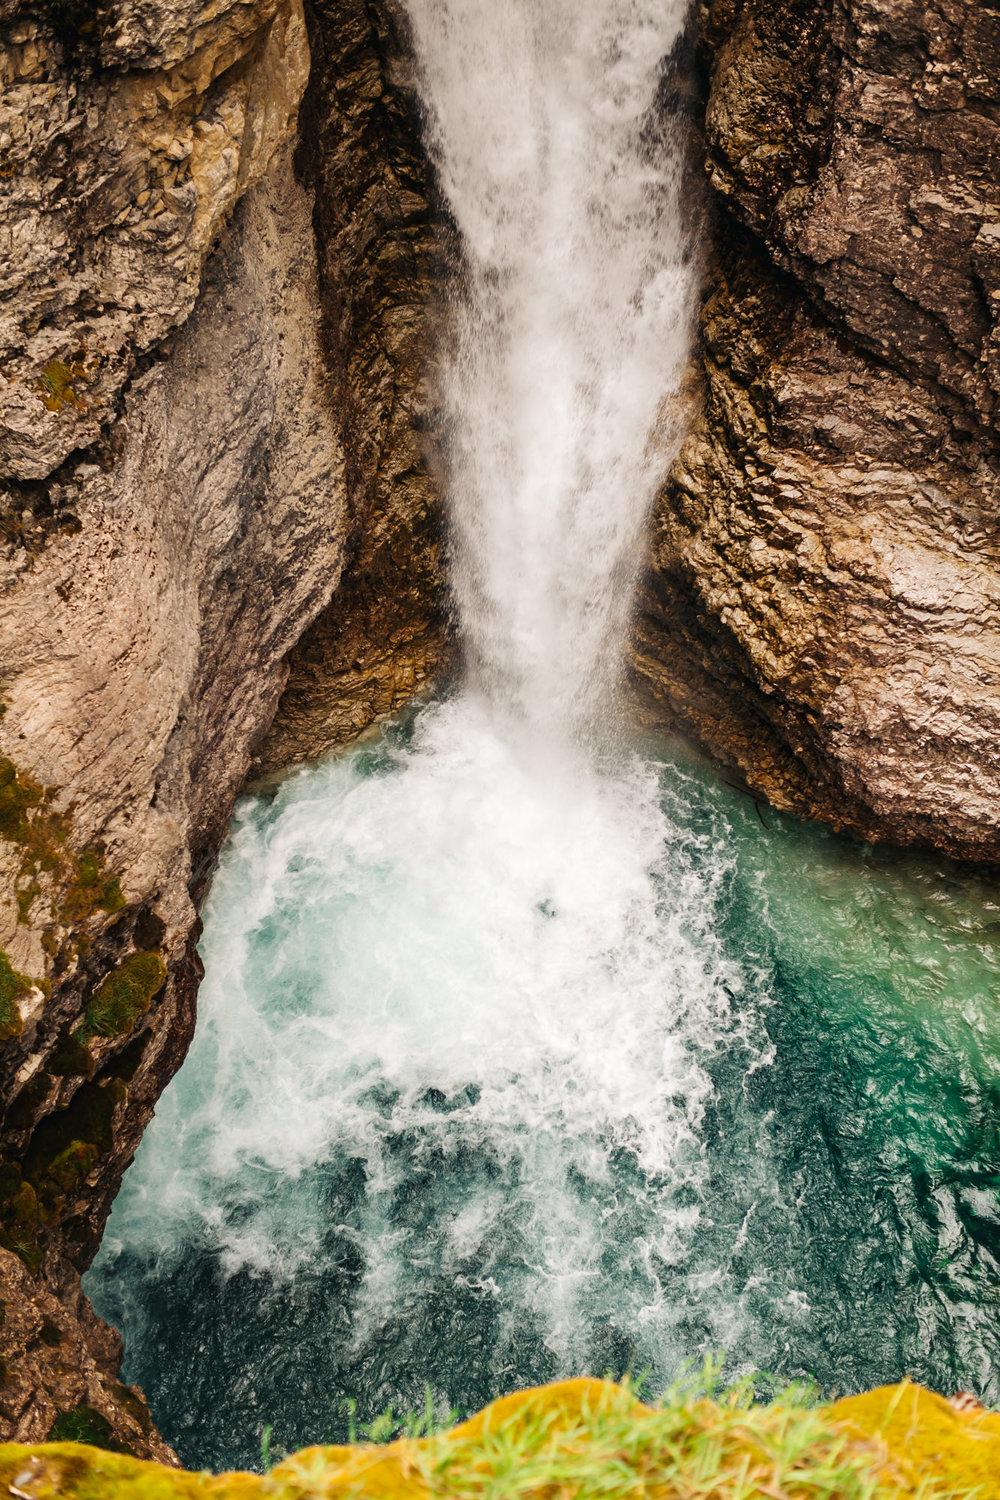 Upper Falls